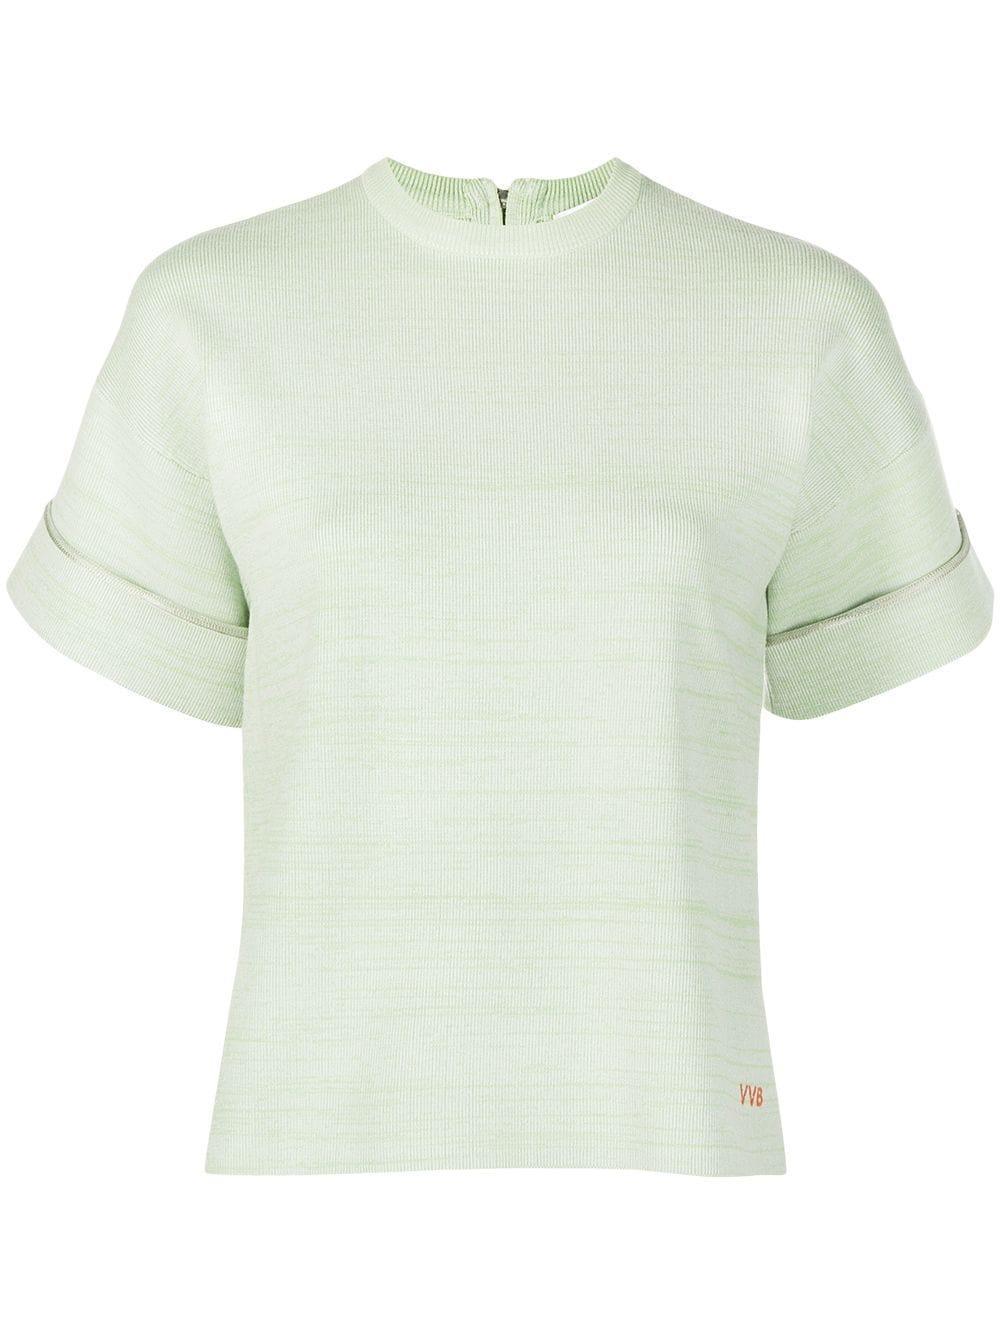 Boxy Marl Knit T- Shirt Item # 2121KTP002305A